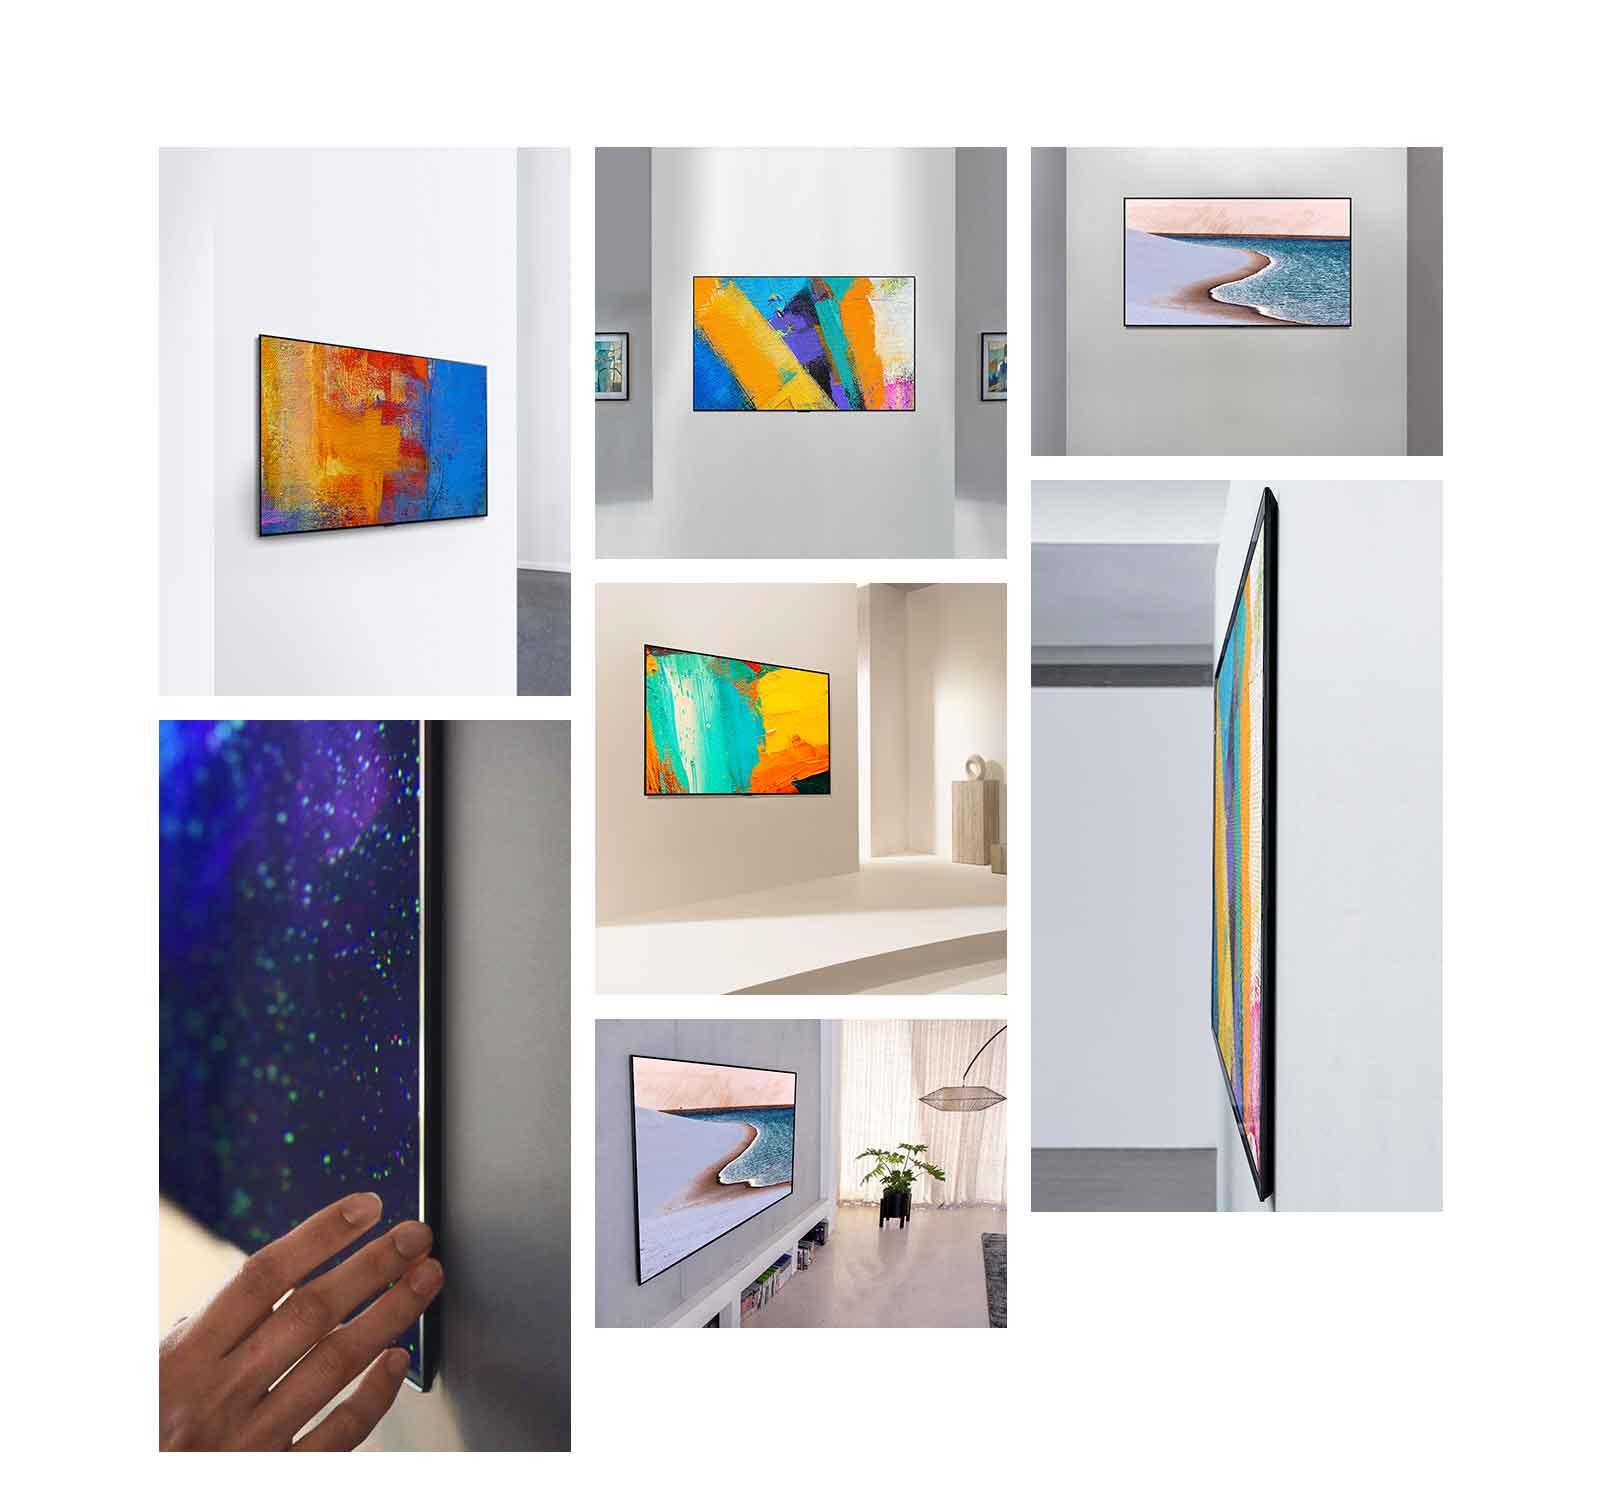 Pogled sa strane LG Gallery Design TV koji estetski iskače sa zida, poput umjetničkog djela.